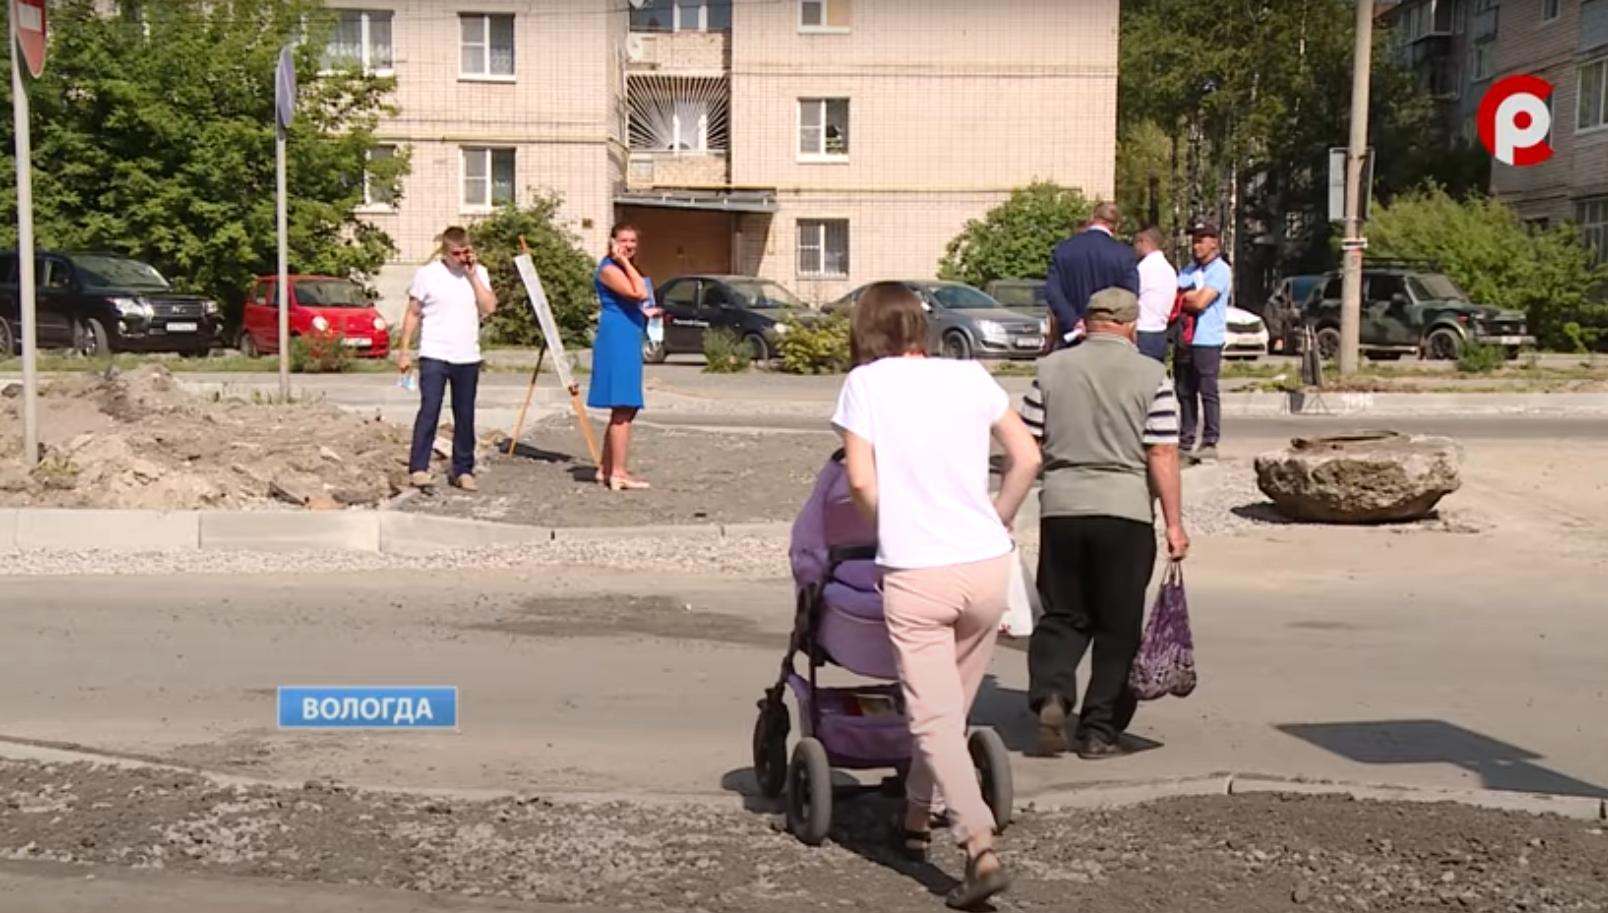 Всего в этом году в Вологде приведут в порядок 20 улиц